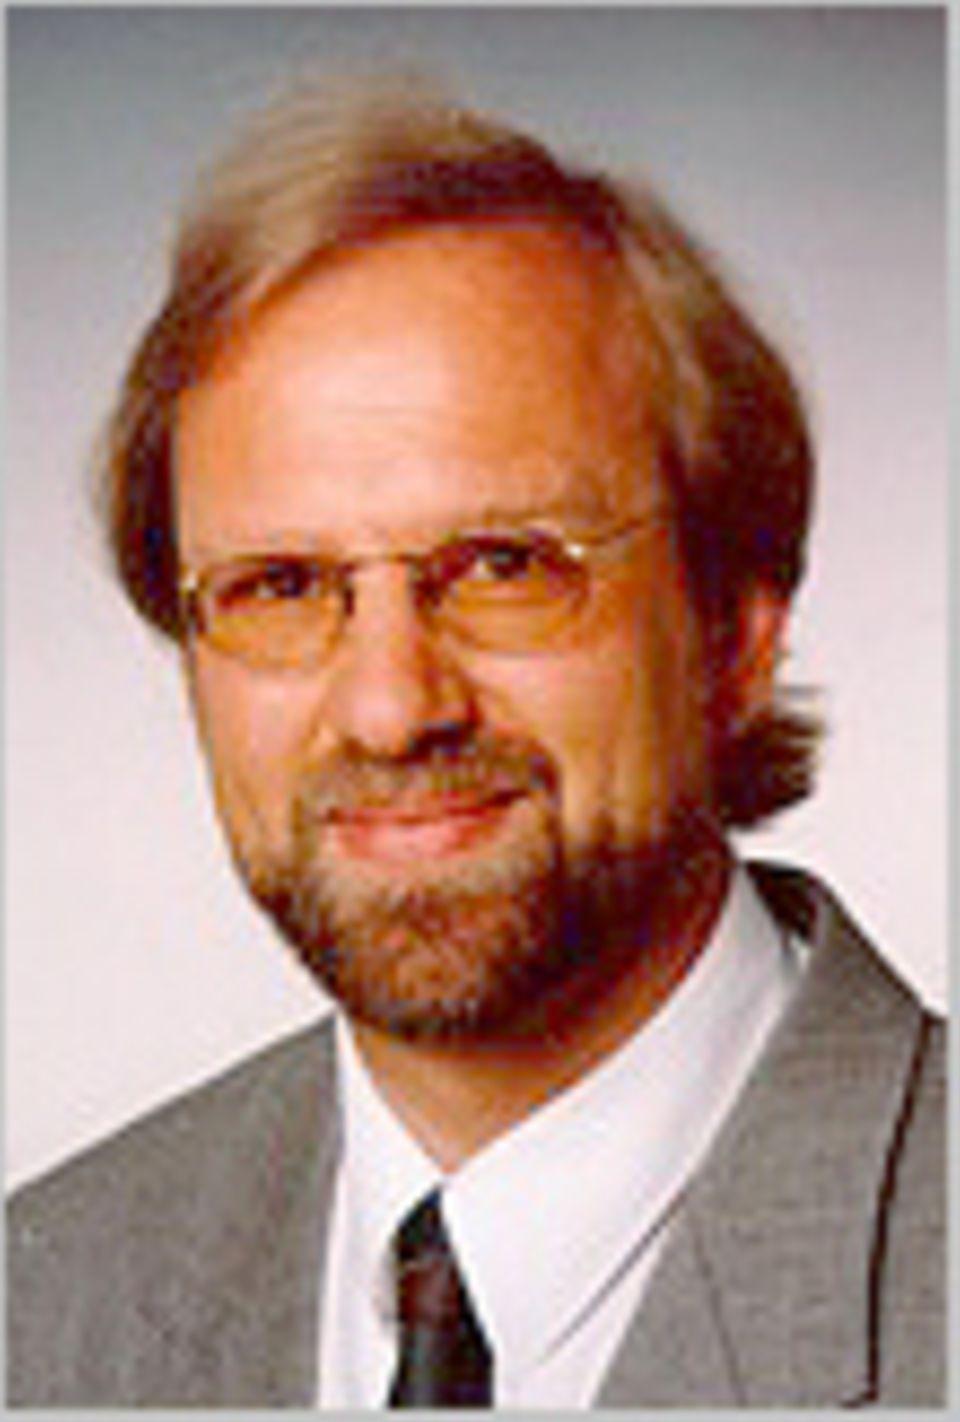 """Prof. Dr. Siegfried Scherer ist Mit-Autor des umstrittenen Buches """"Evolution: Ein kritisches Lehrbuch"""" (Weyel-Verlag, Gießen 2006)"""